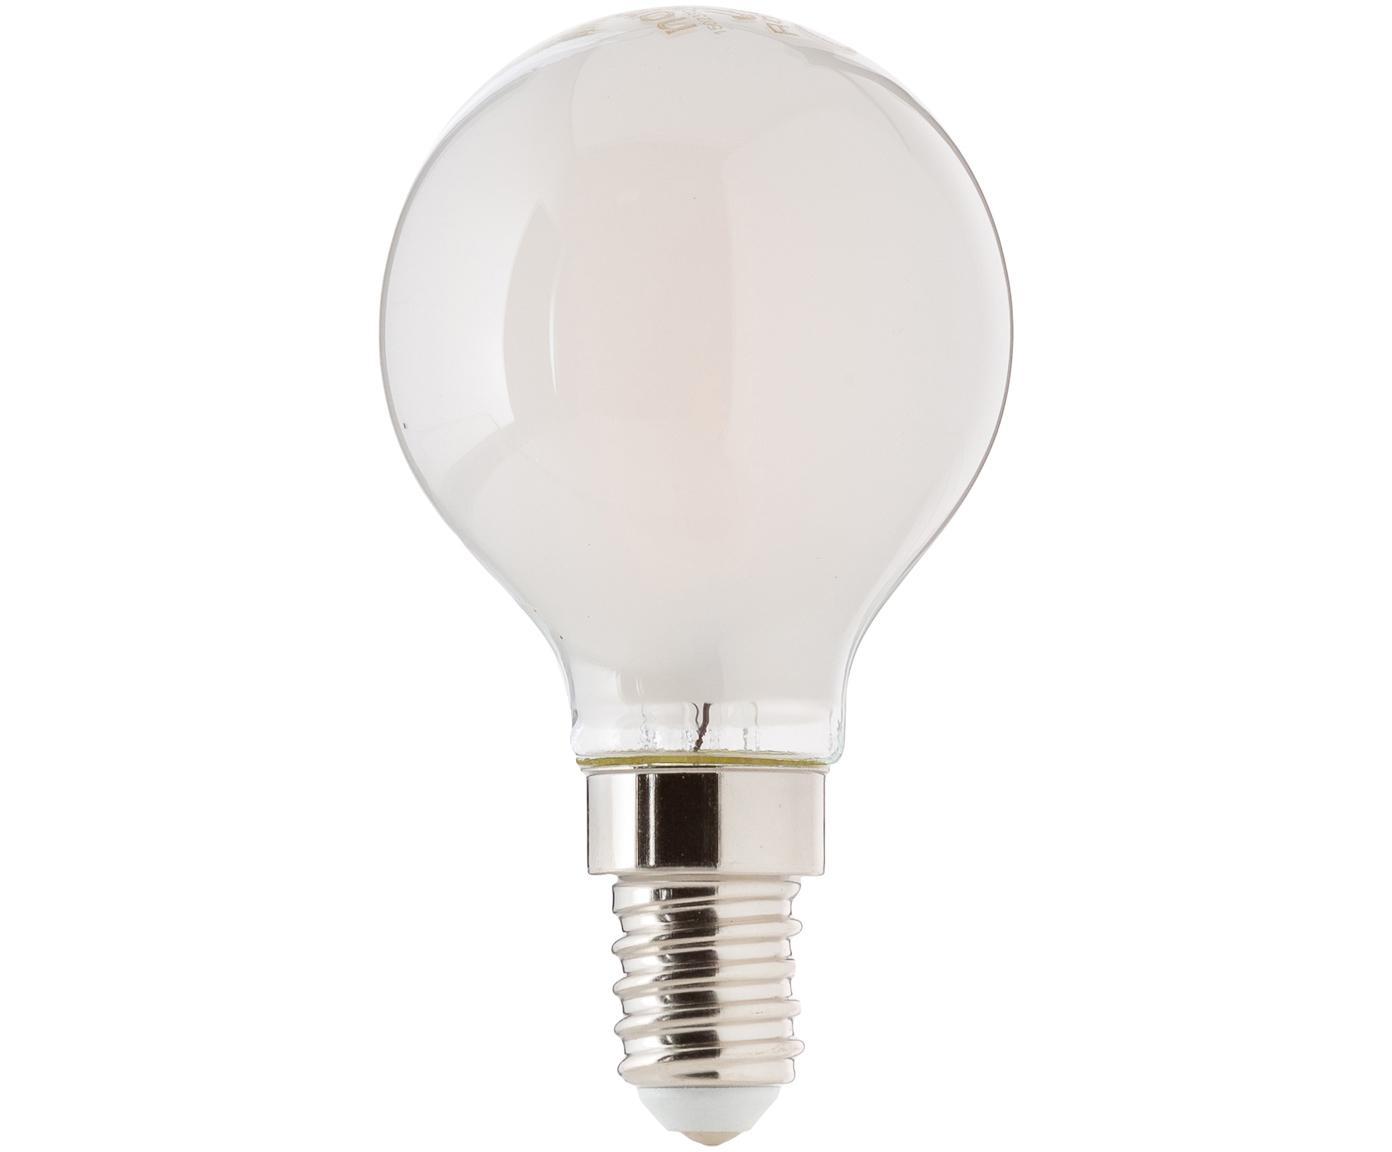 Leuchtmittel Sedim (E14/2.5W), Leuchtmittelschirm: Kunststoff, Leuchtmittelfassung: Aluminium, Weiss, Ø 5 x H 8 cm